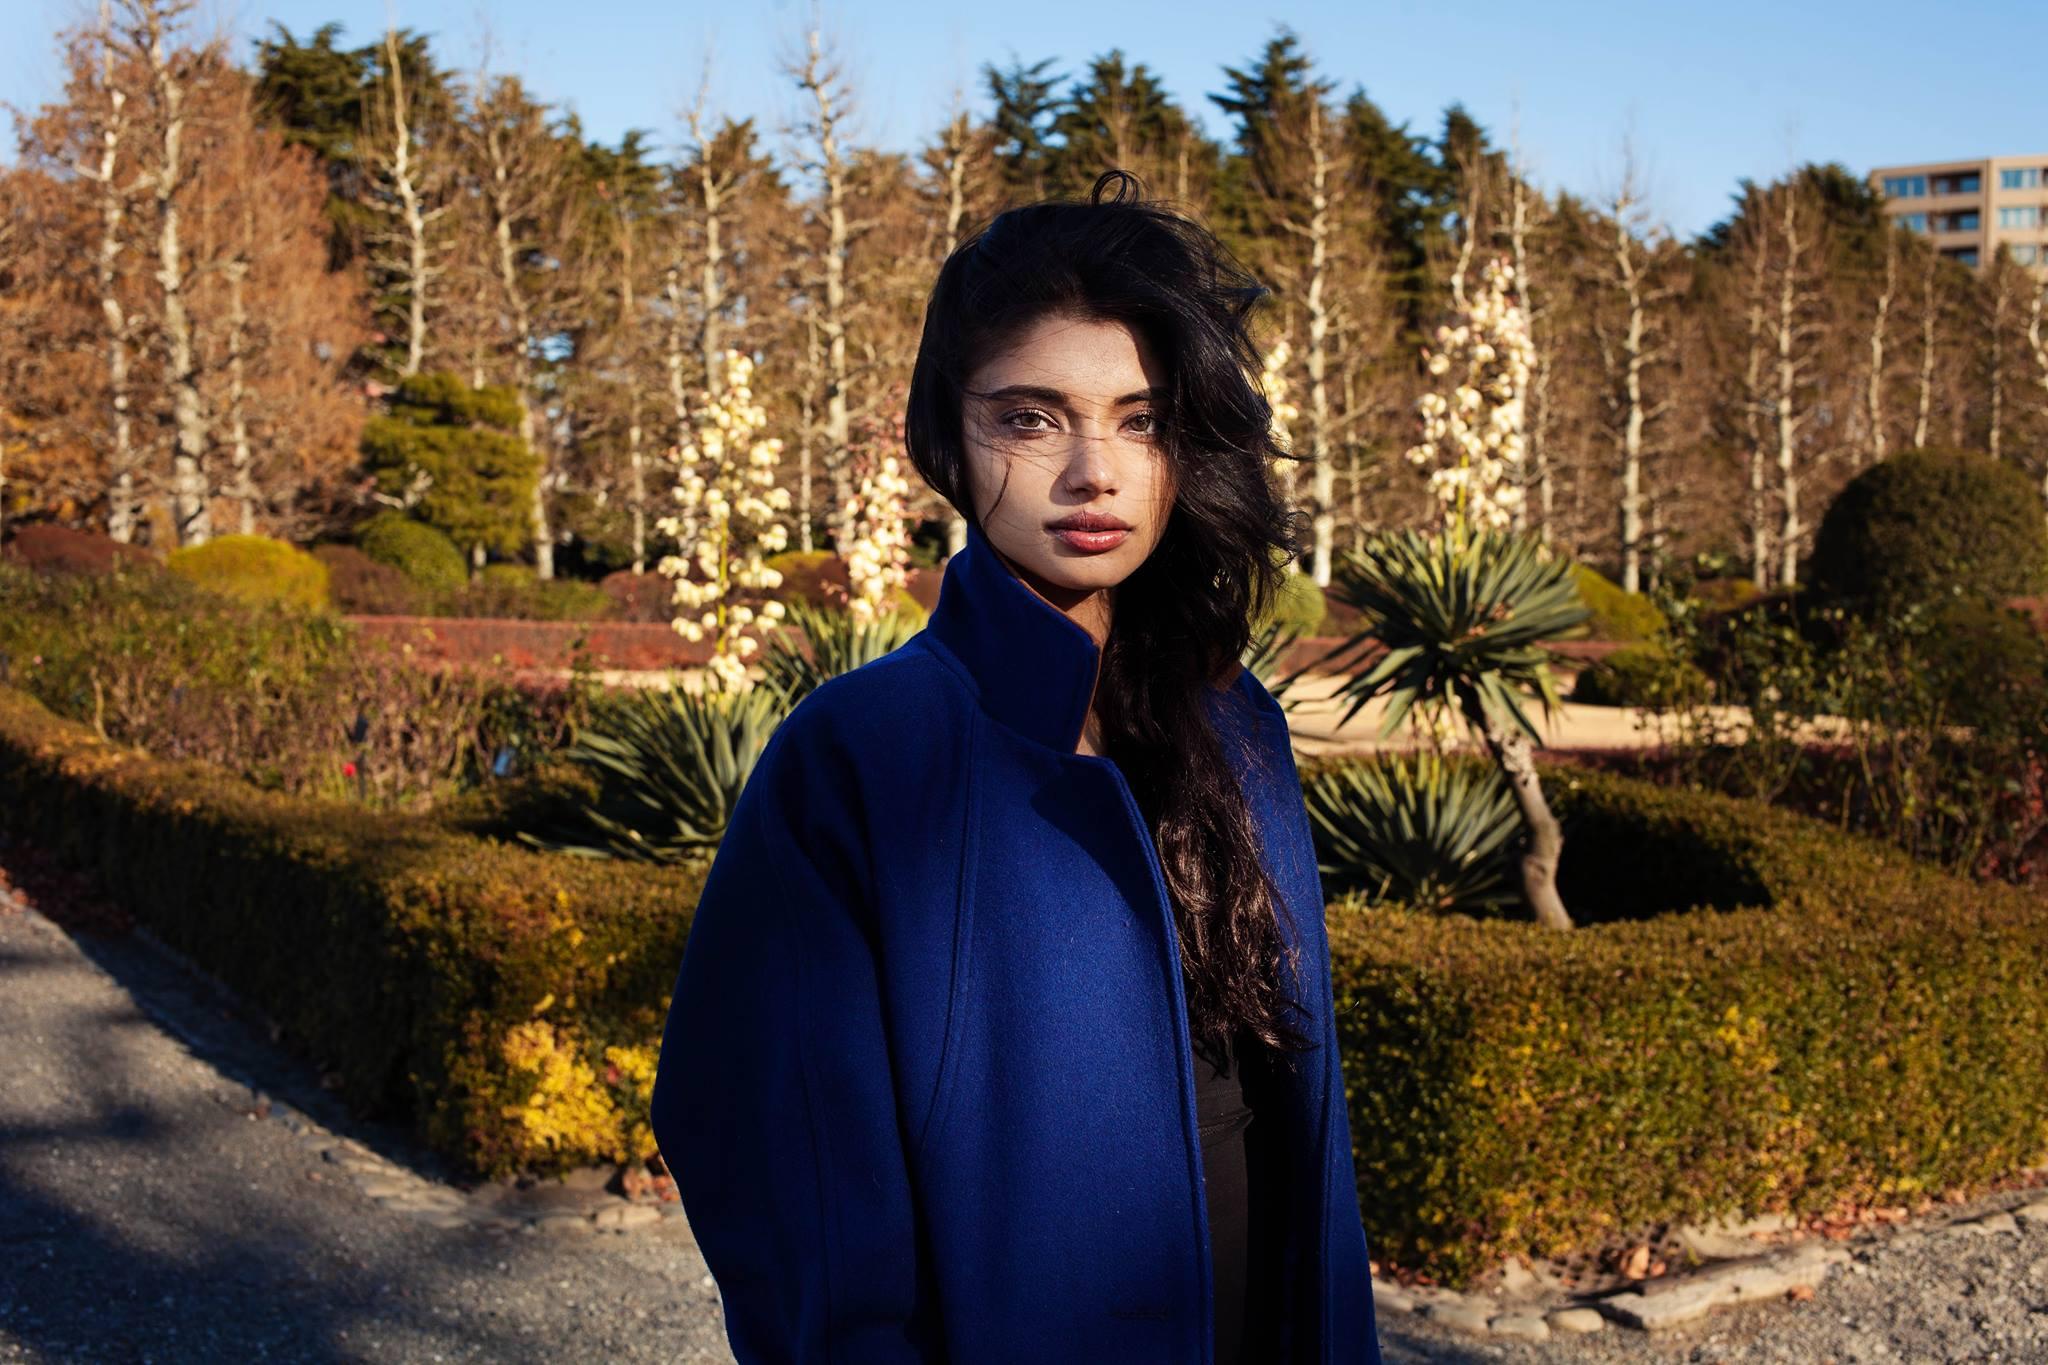 Атлас красоты, девушка из Японии, но с индийскими и египетскими корнями